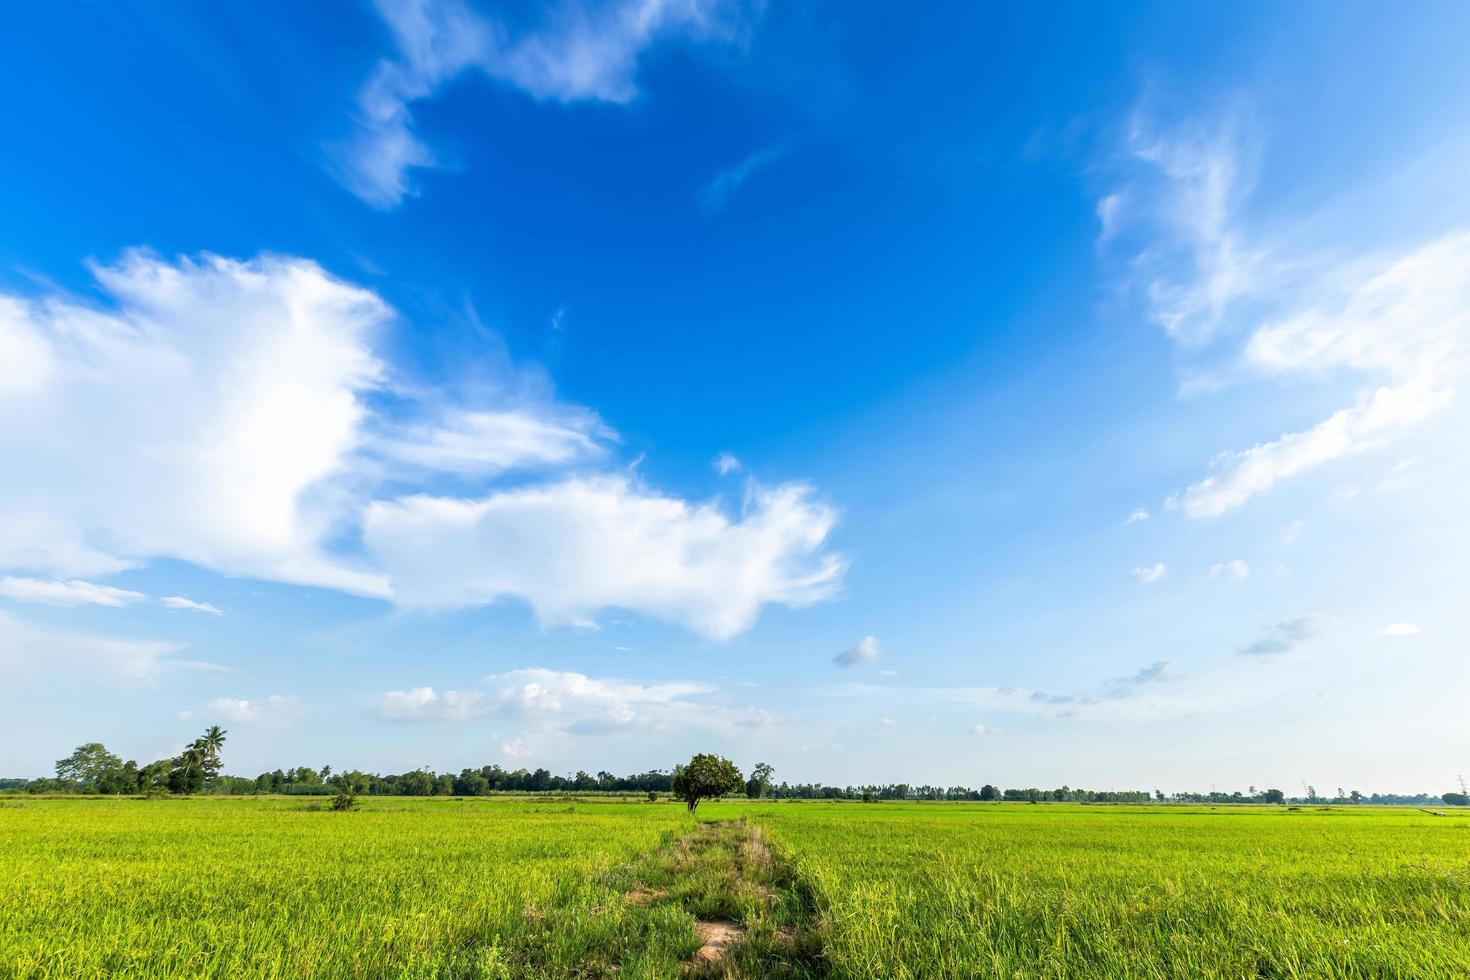 un sentier pédestre dans un champ de maïs vert mène à un ensemble d'arbres photo